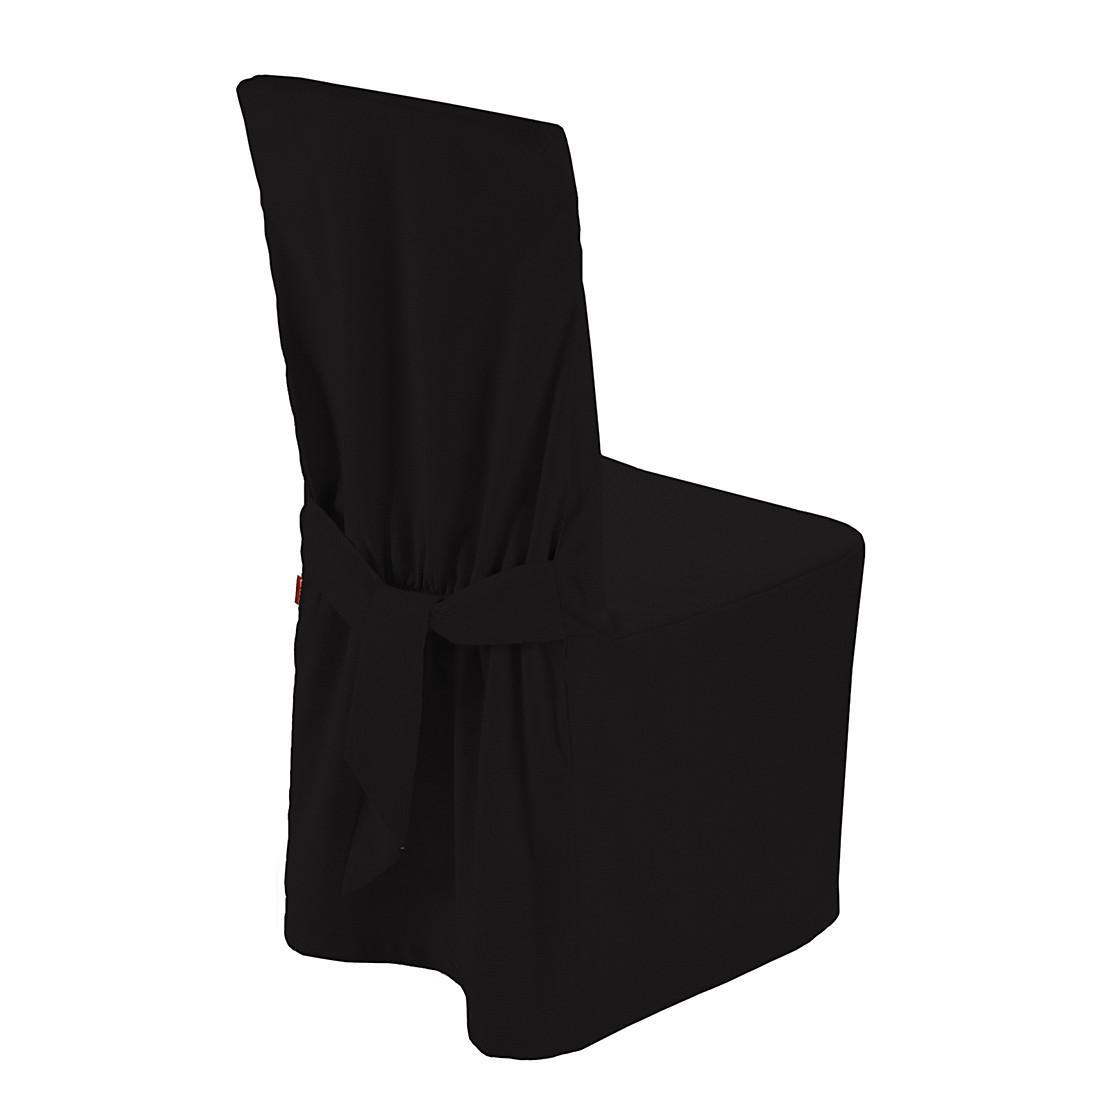 Home 24 - Housse de chaise cotton panama - noir, dekoria